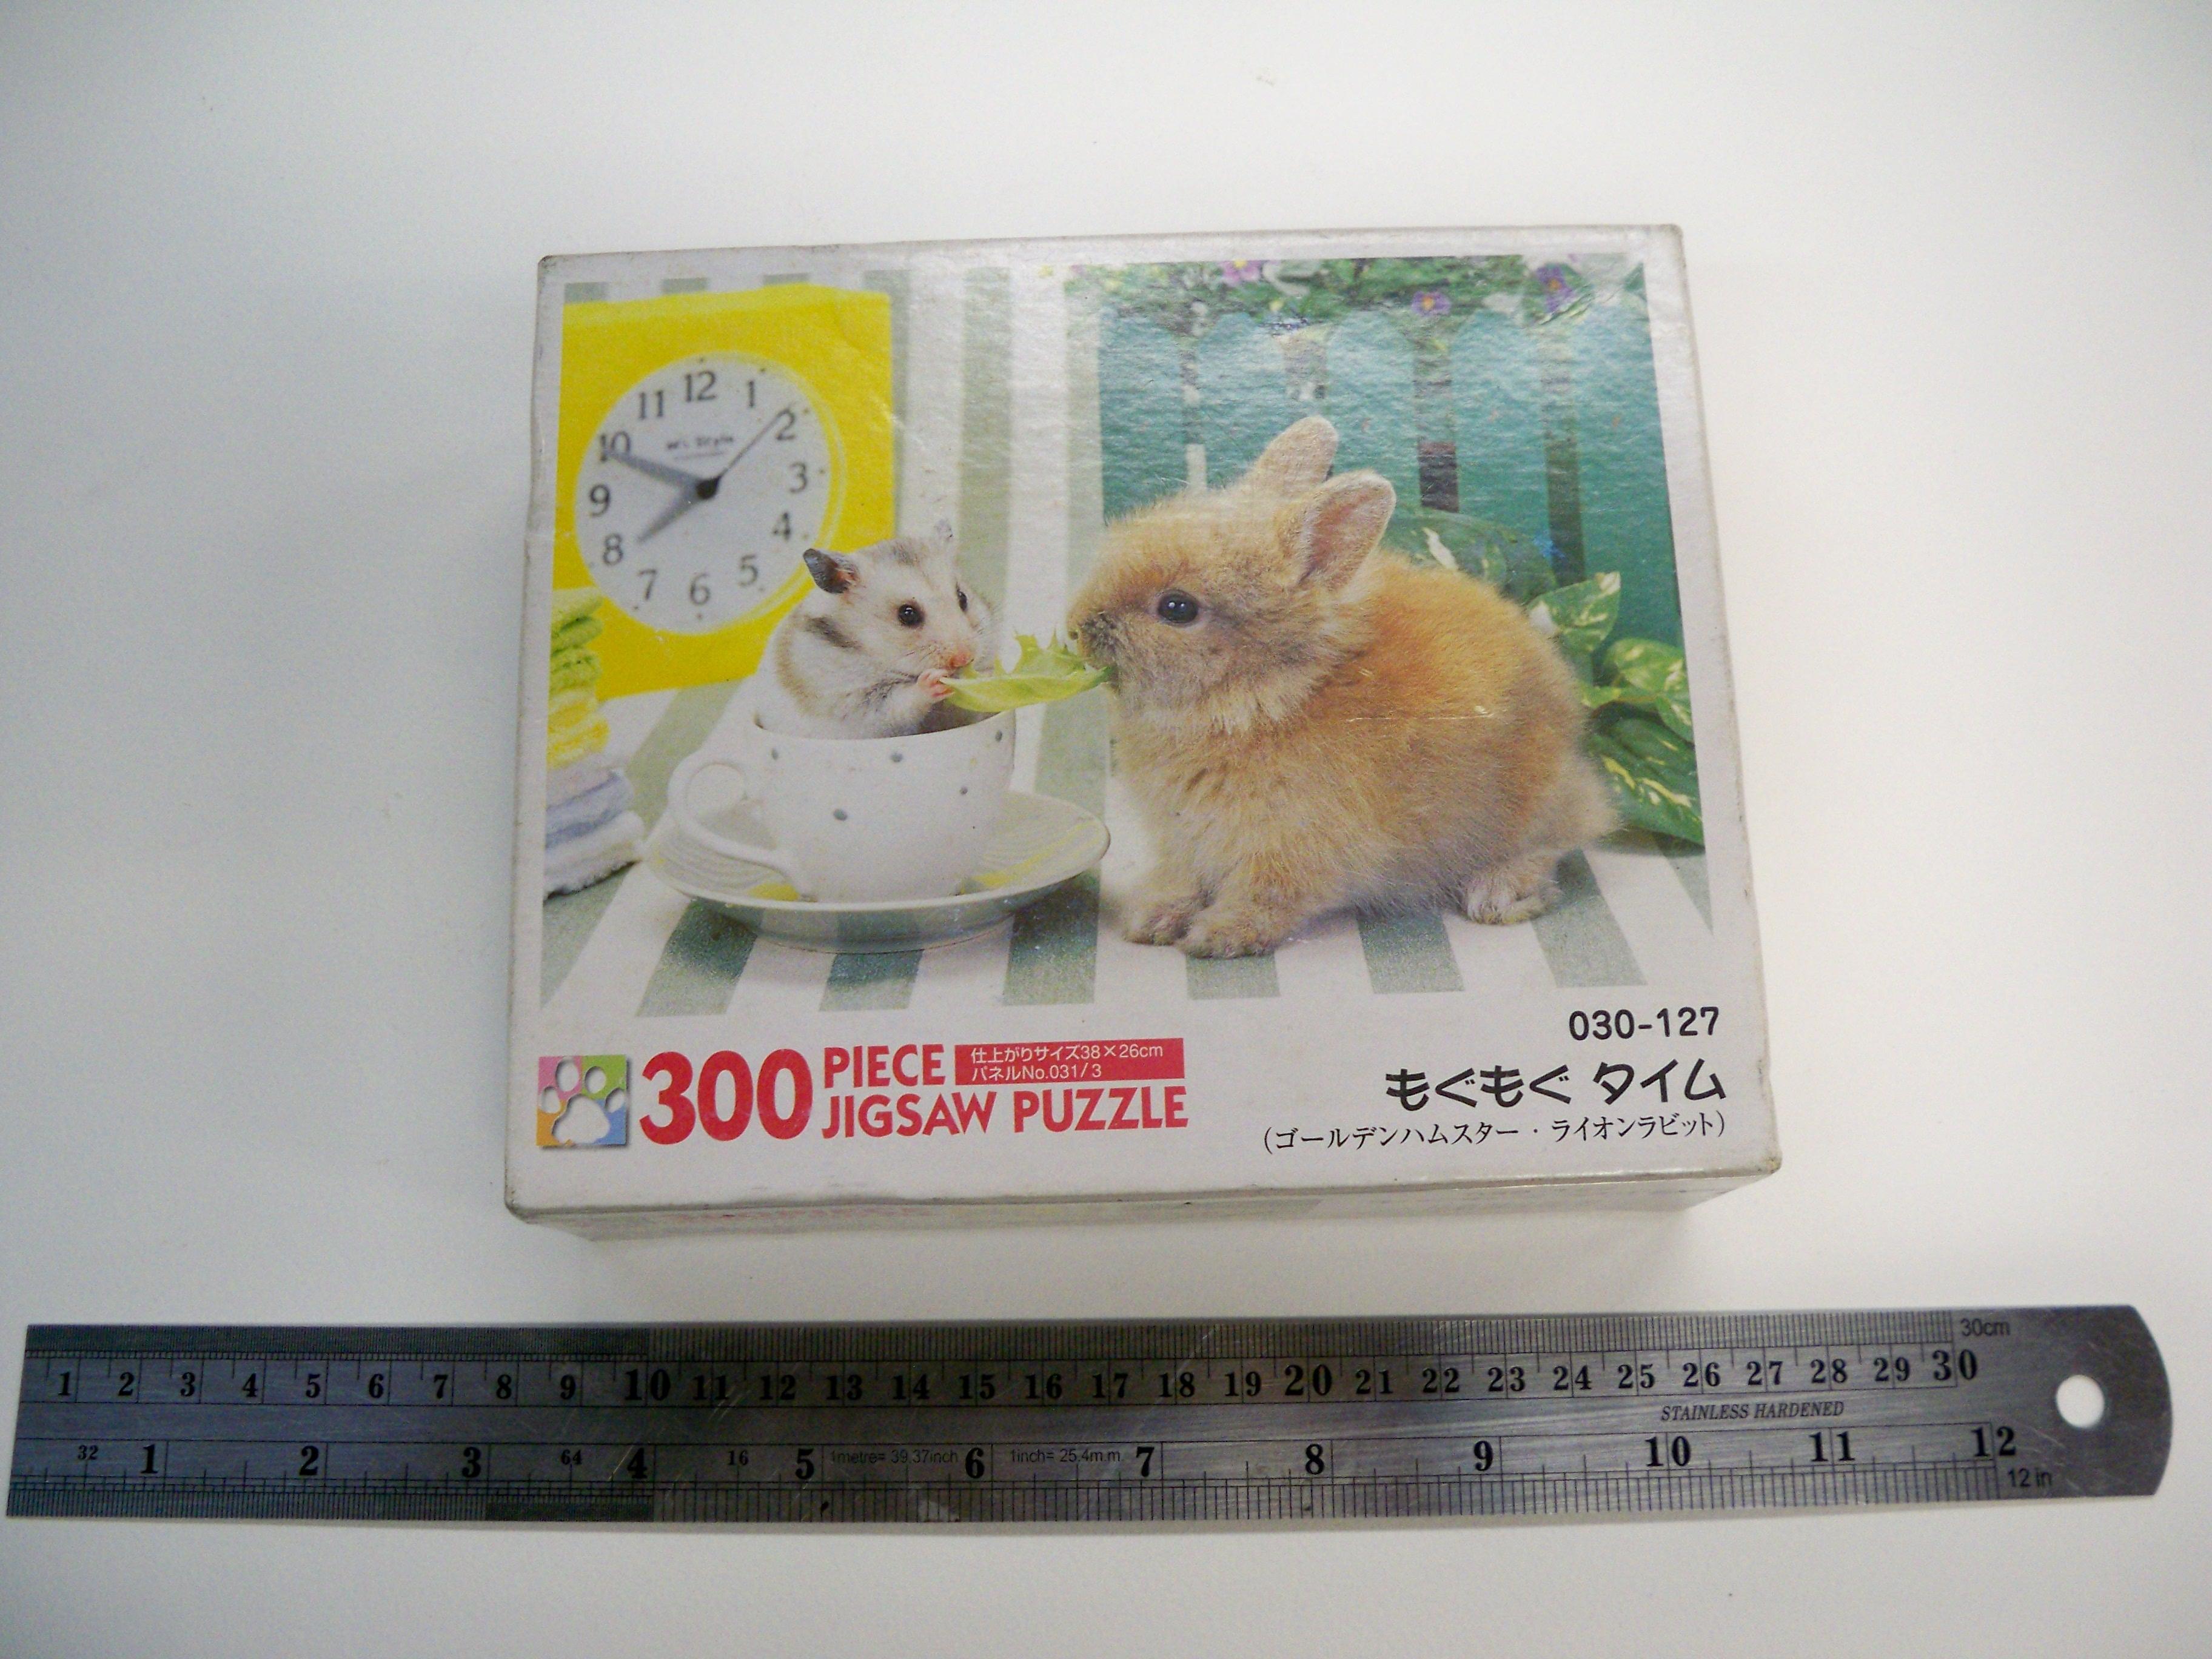 จิกซอกระต่ายกับหนูน้อย 300 ชิ้น